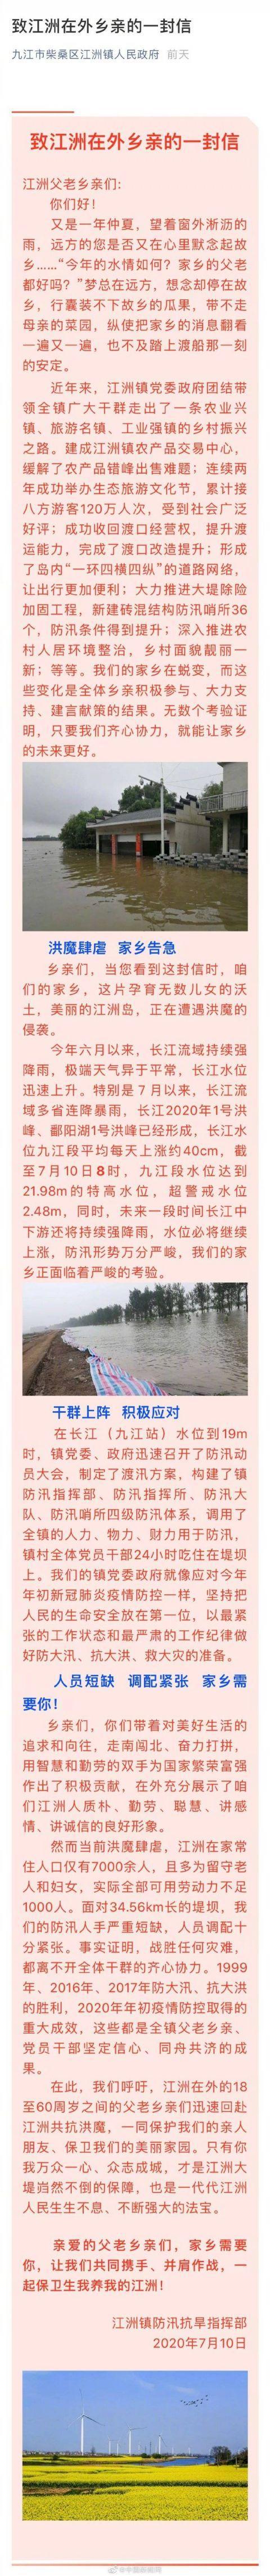 人手严重短缺 江西九江江洲已有两千余青壮年回乡抗洪